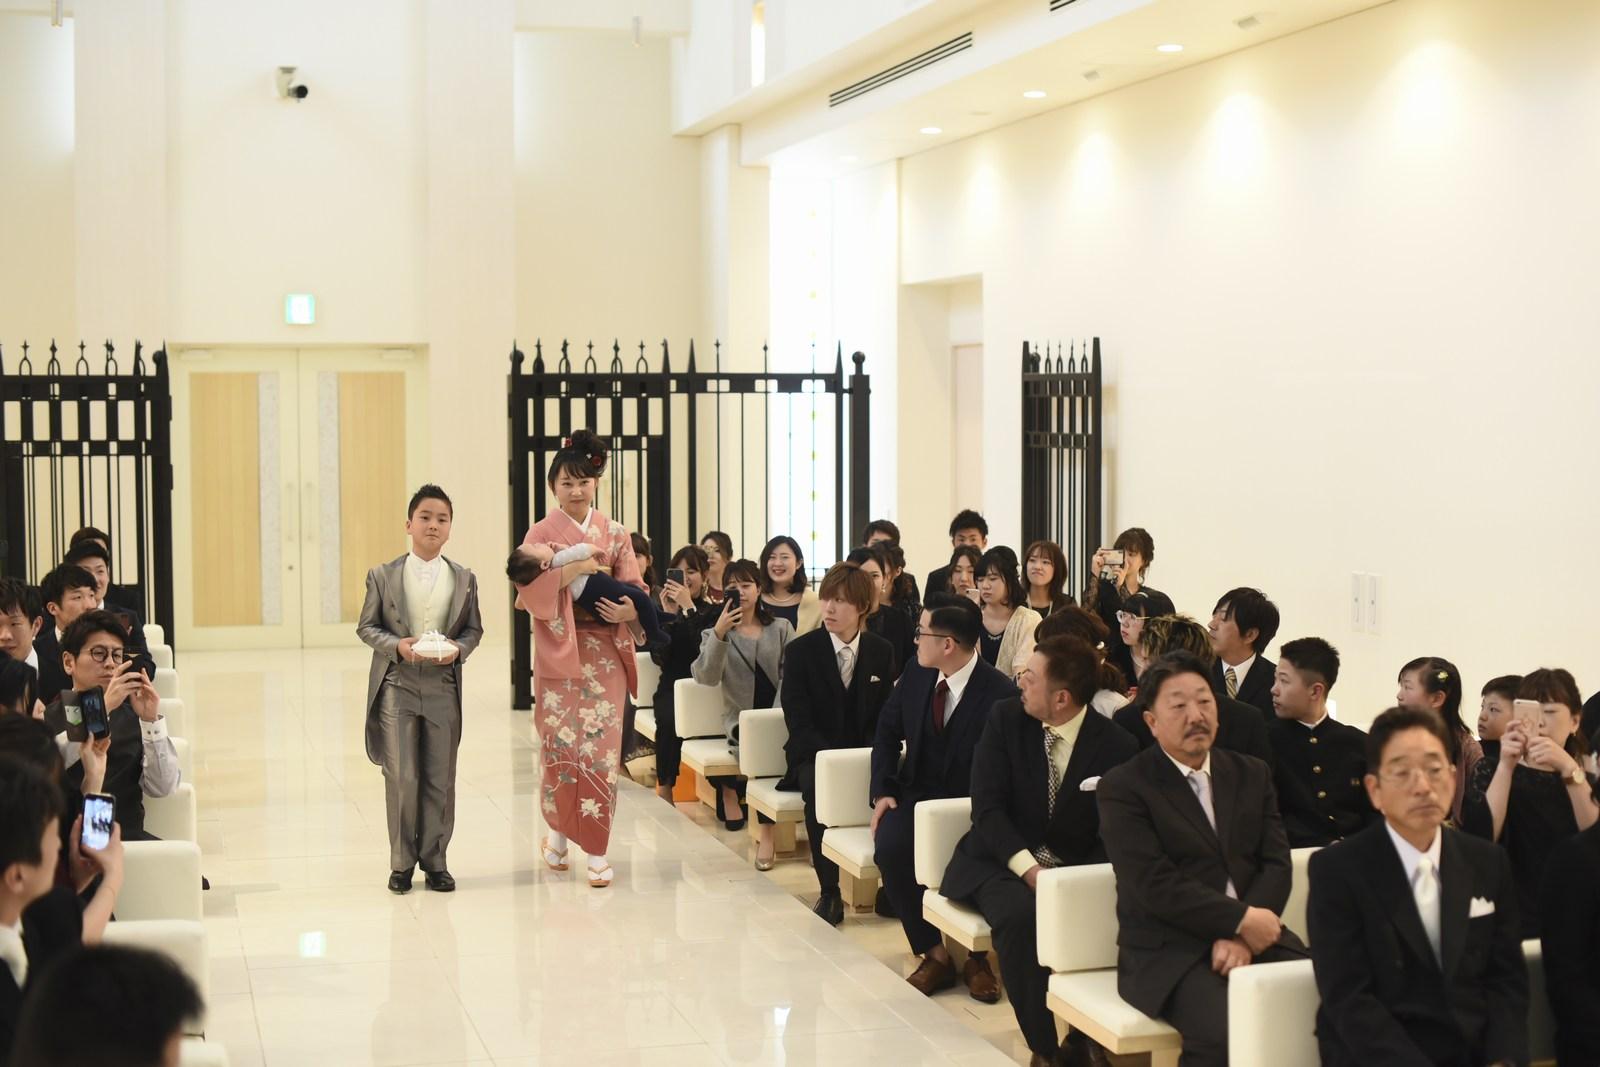 徳島市の結婚式場ブランアンジュのセレモニーでご兄弟がウェディングリングを運ぶお手伝い